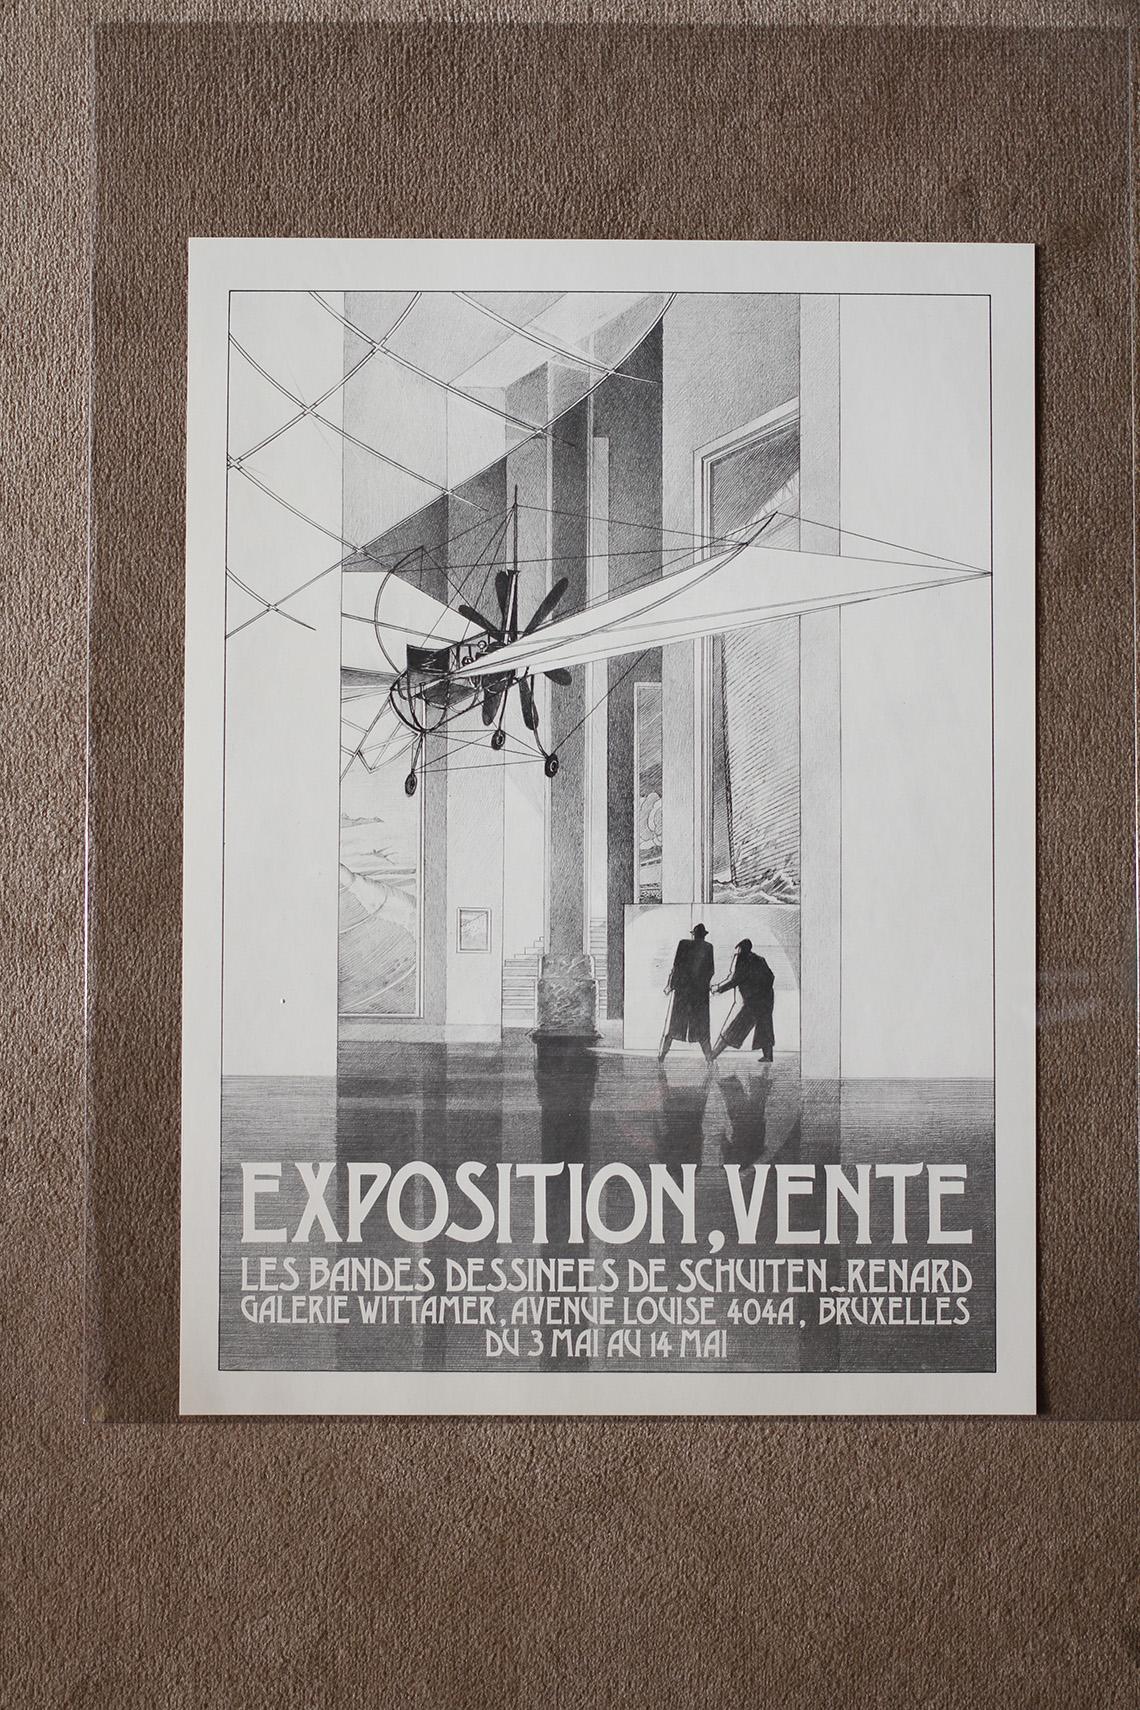 Exposition vente les bandes dessinées de Schuiten - Renard© François Schuiten / Claude Renard, 1984